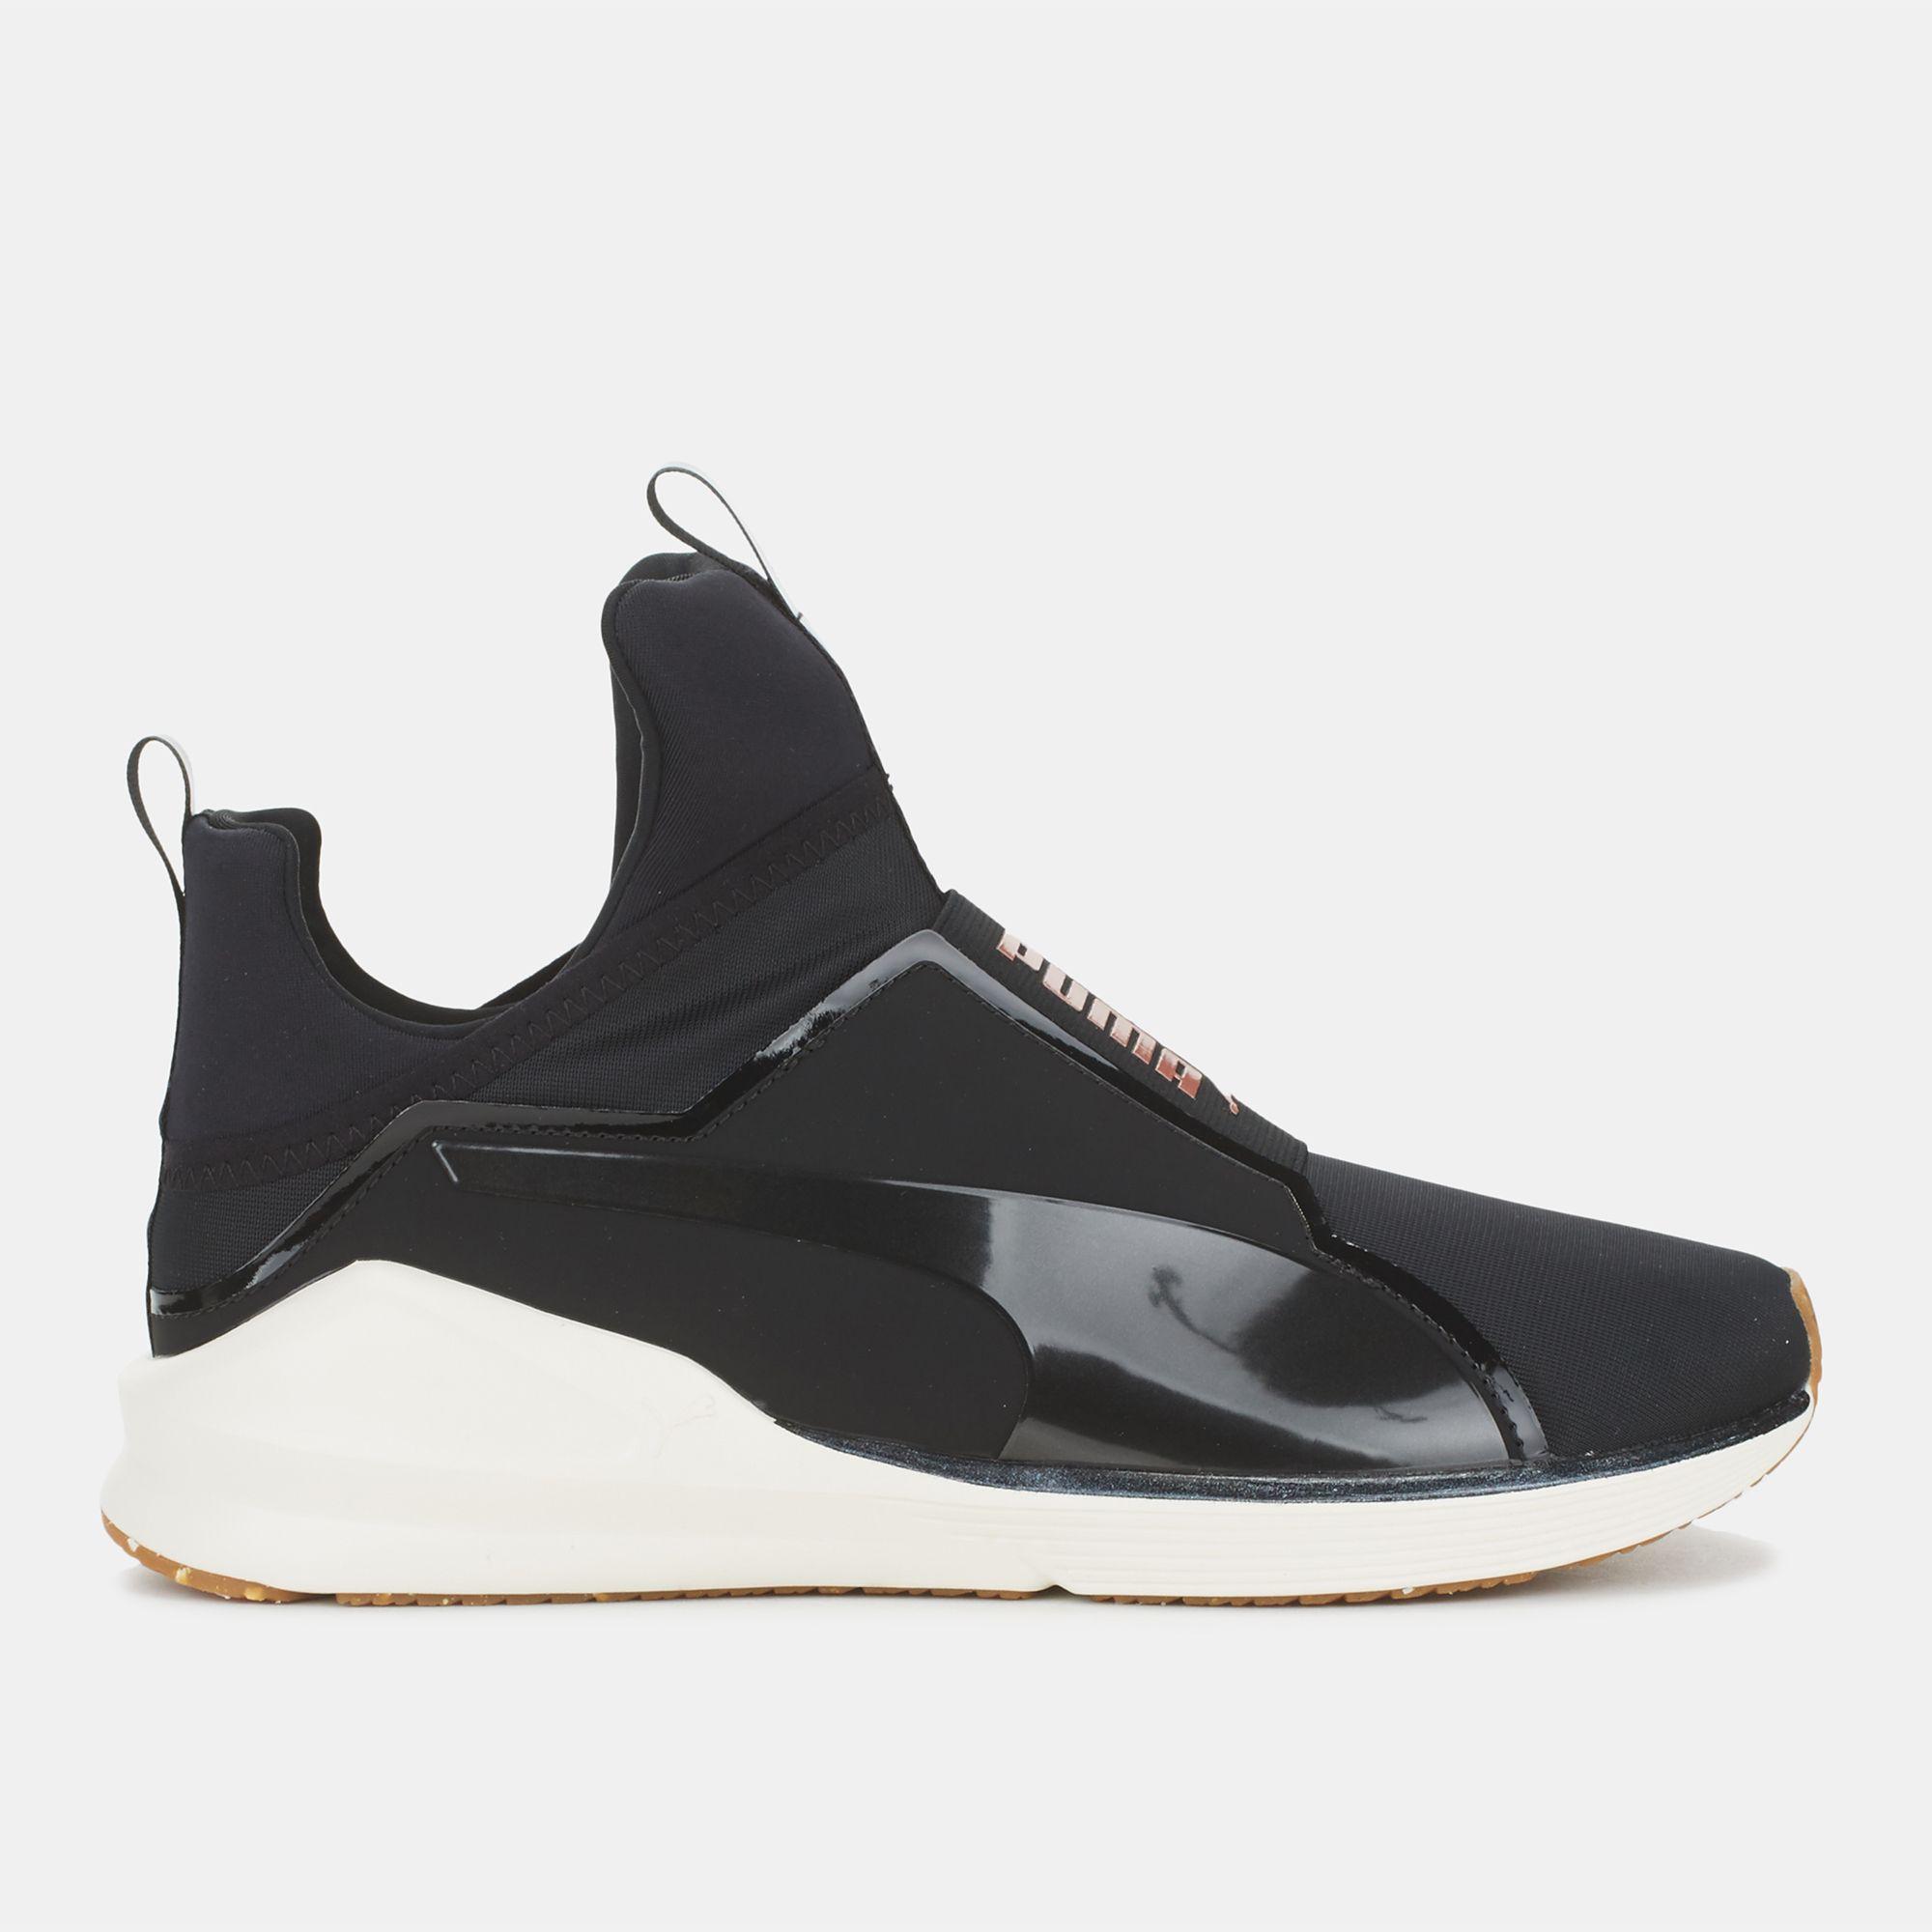 e1a23e9f287d65 Shop Black Puma Velvet Rope Fierce VR Shoe for Womens by PUMA